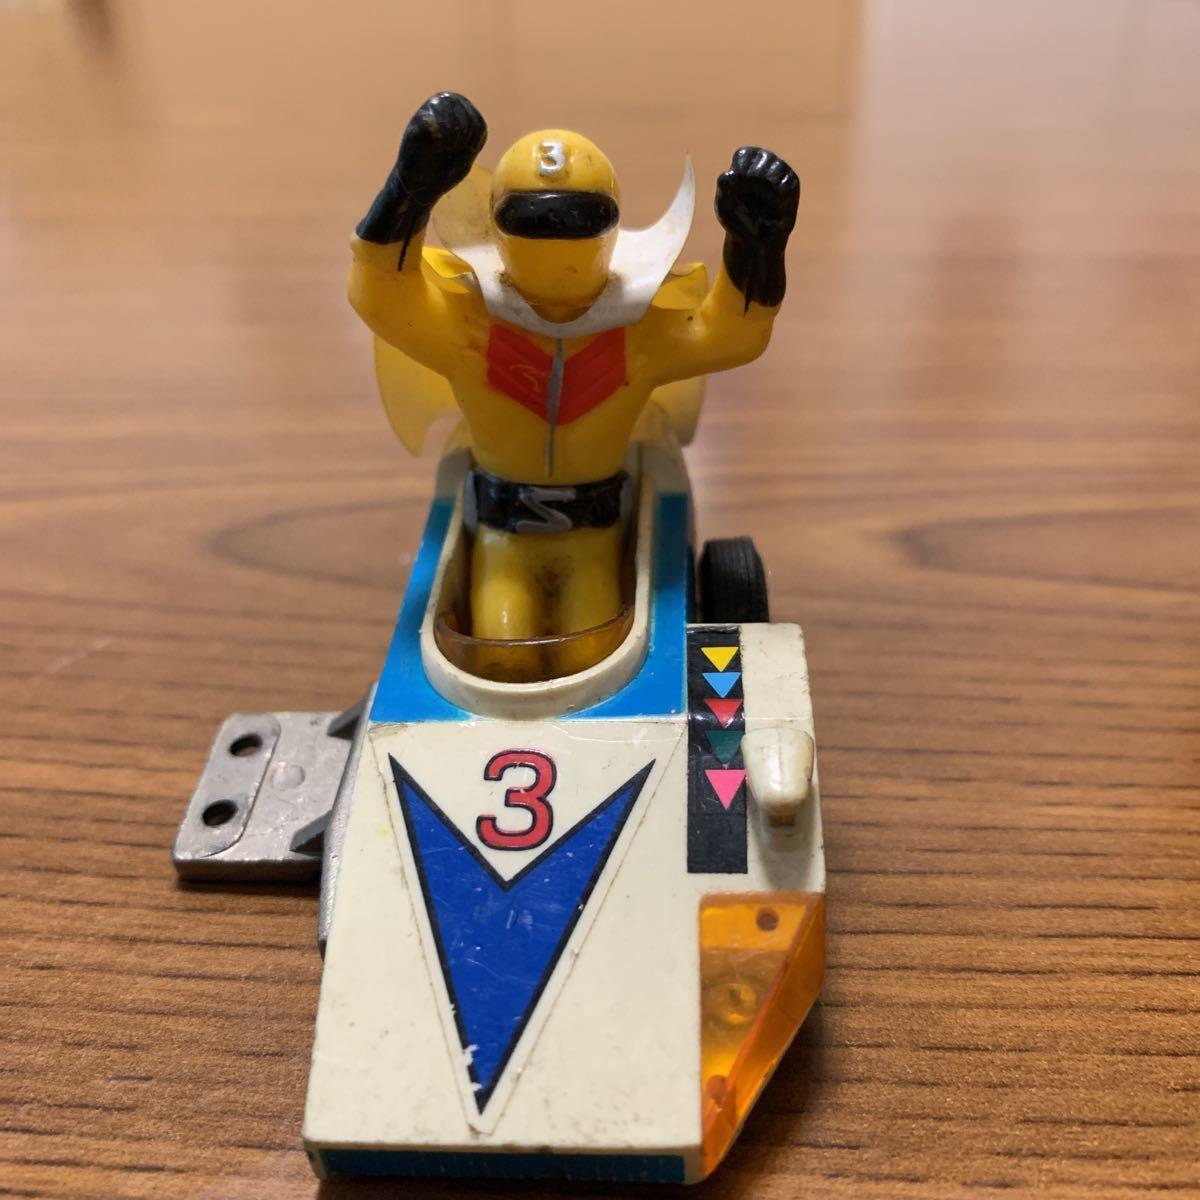 当時物 秘密戦隊ゴレンジャーのアオレンジャーとキレンジャー 超合金ポピー バイク無しサイドだけジャンク品_画像4